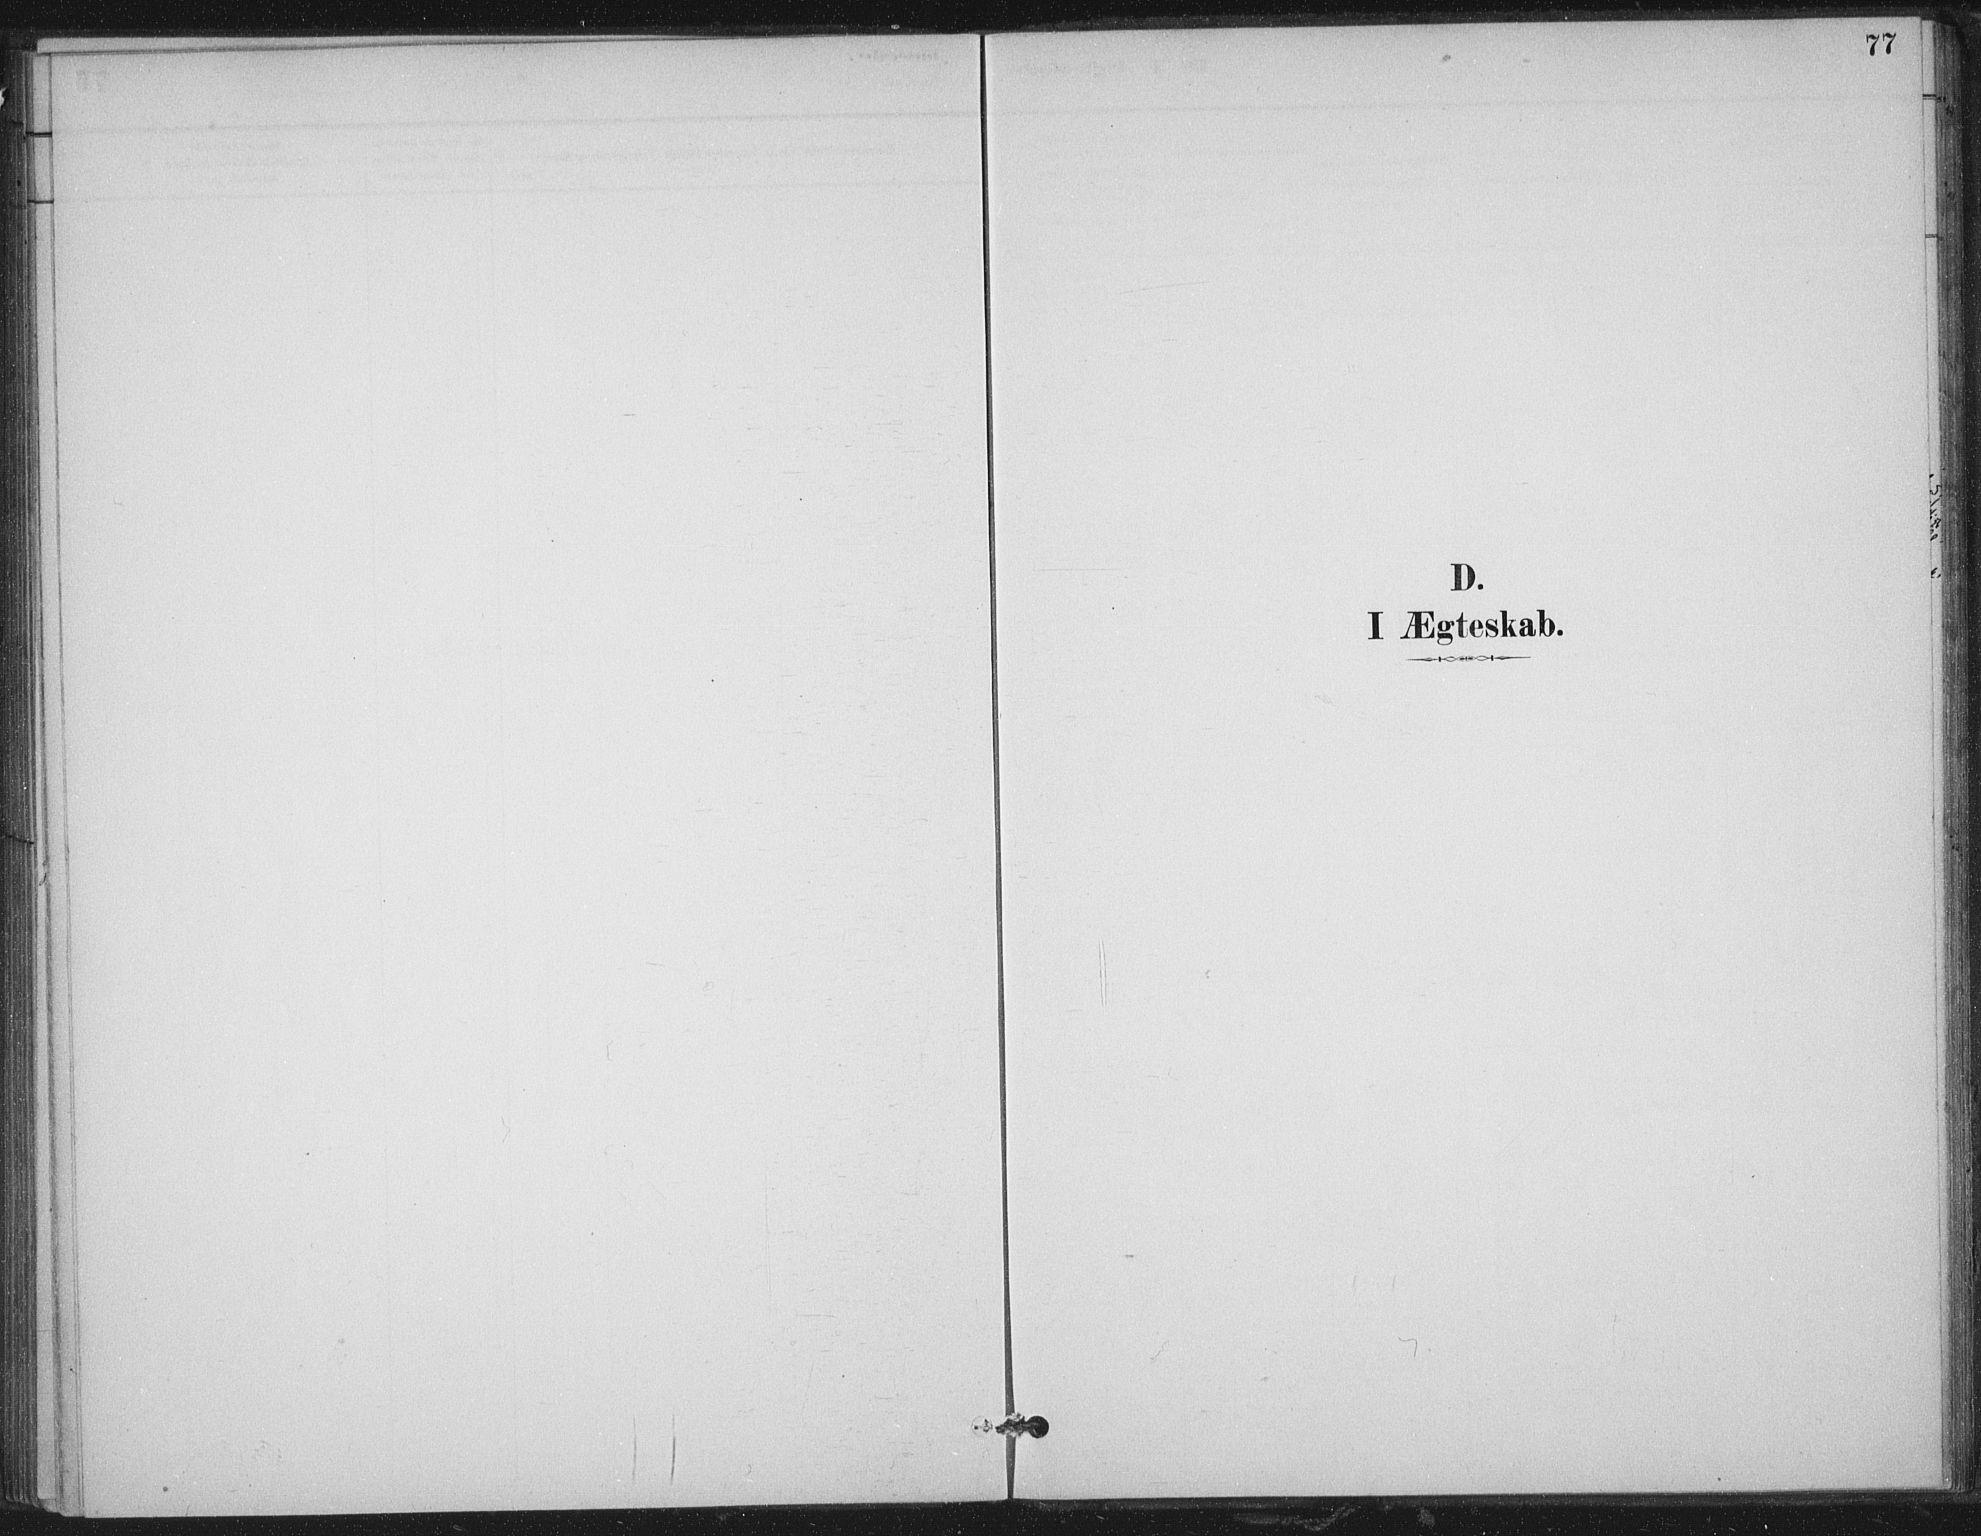 SAT, Ministerialprotokoller, klokkerbøker og fødselsregistre - Nord-Trøndelag, 702/L0023: Ministerialbok nr. 702A01, 1883-1897, s. 77